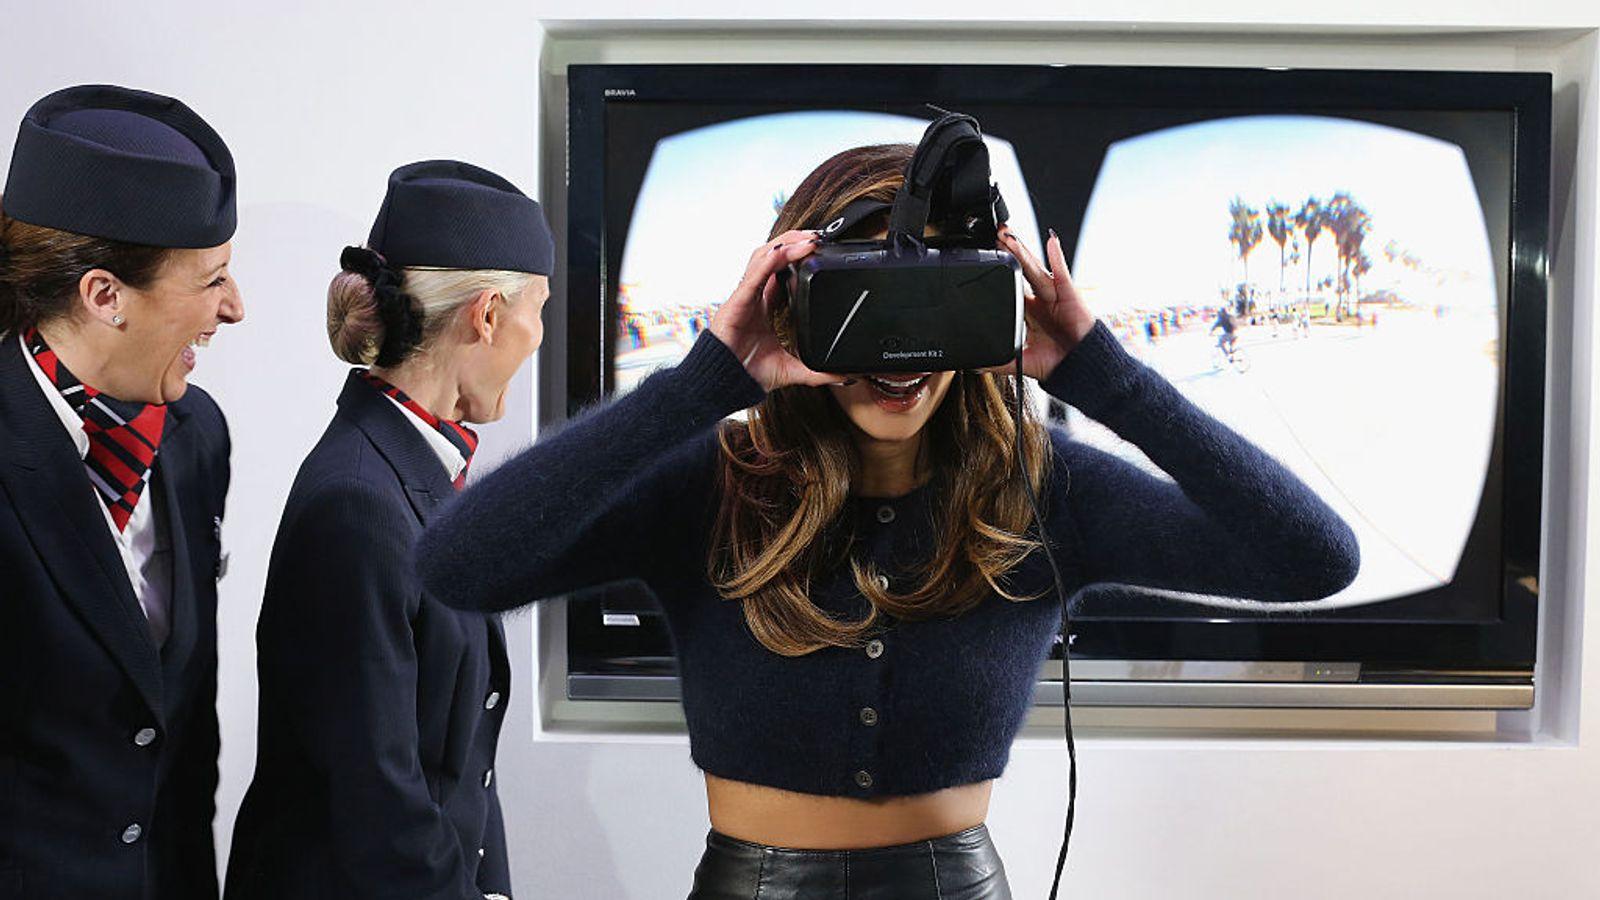 Nicole Scherzinger tries on an Oculus Rift headset